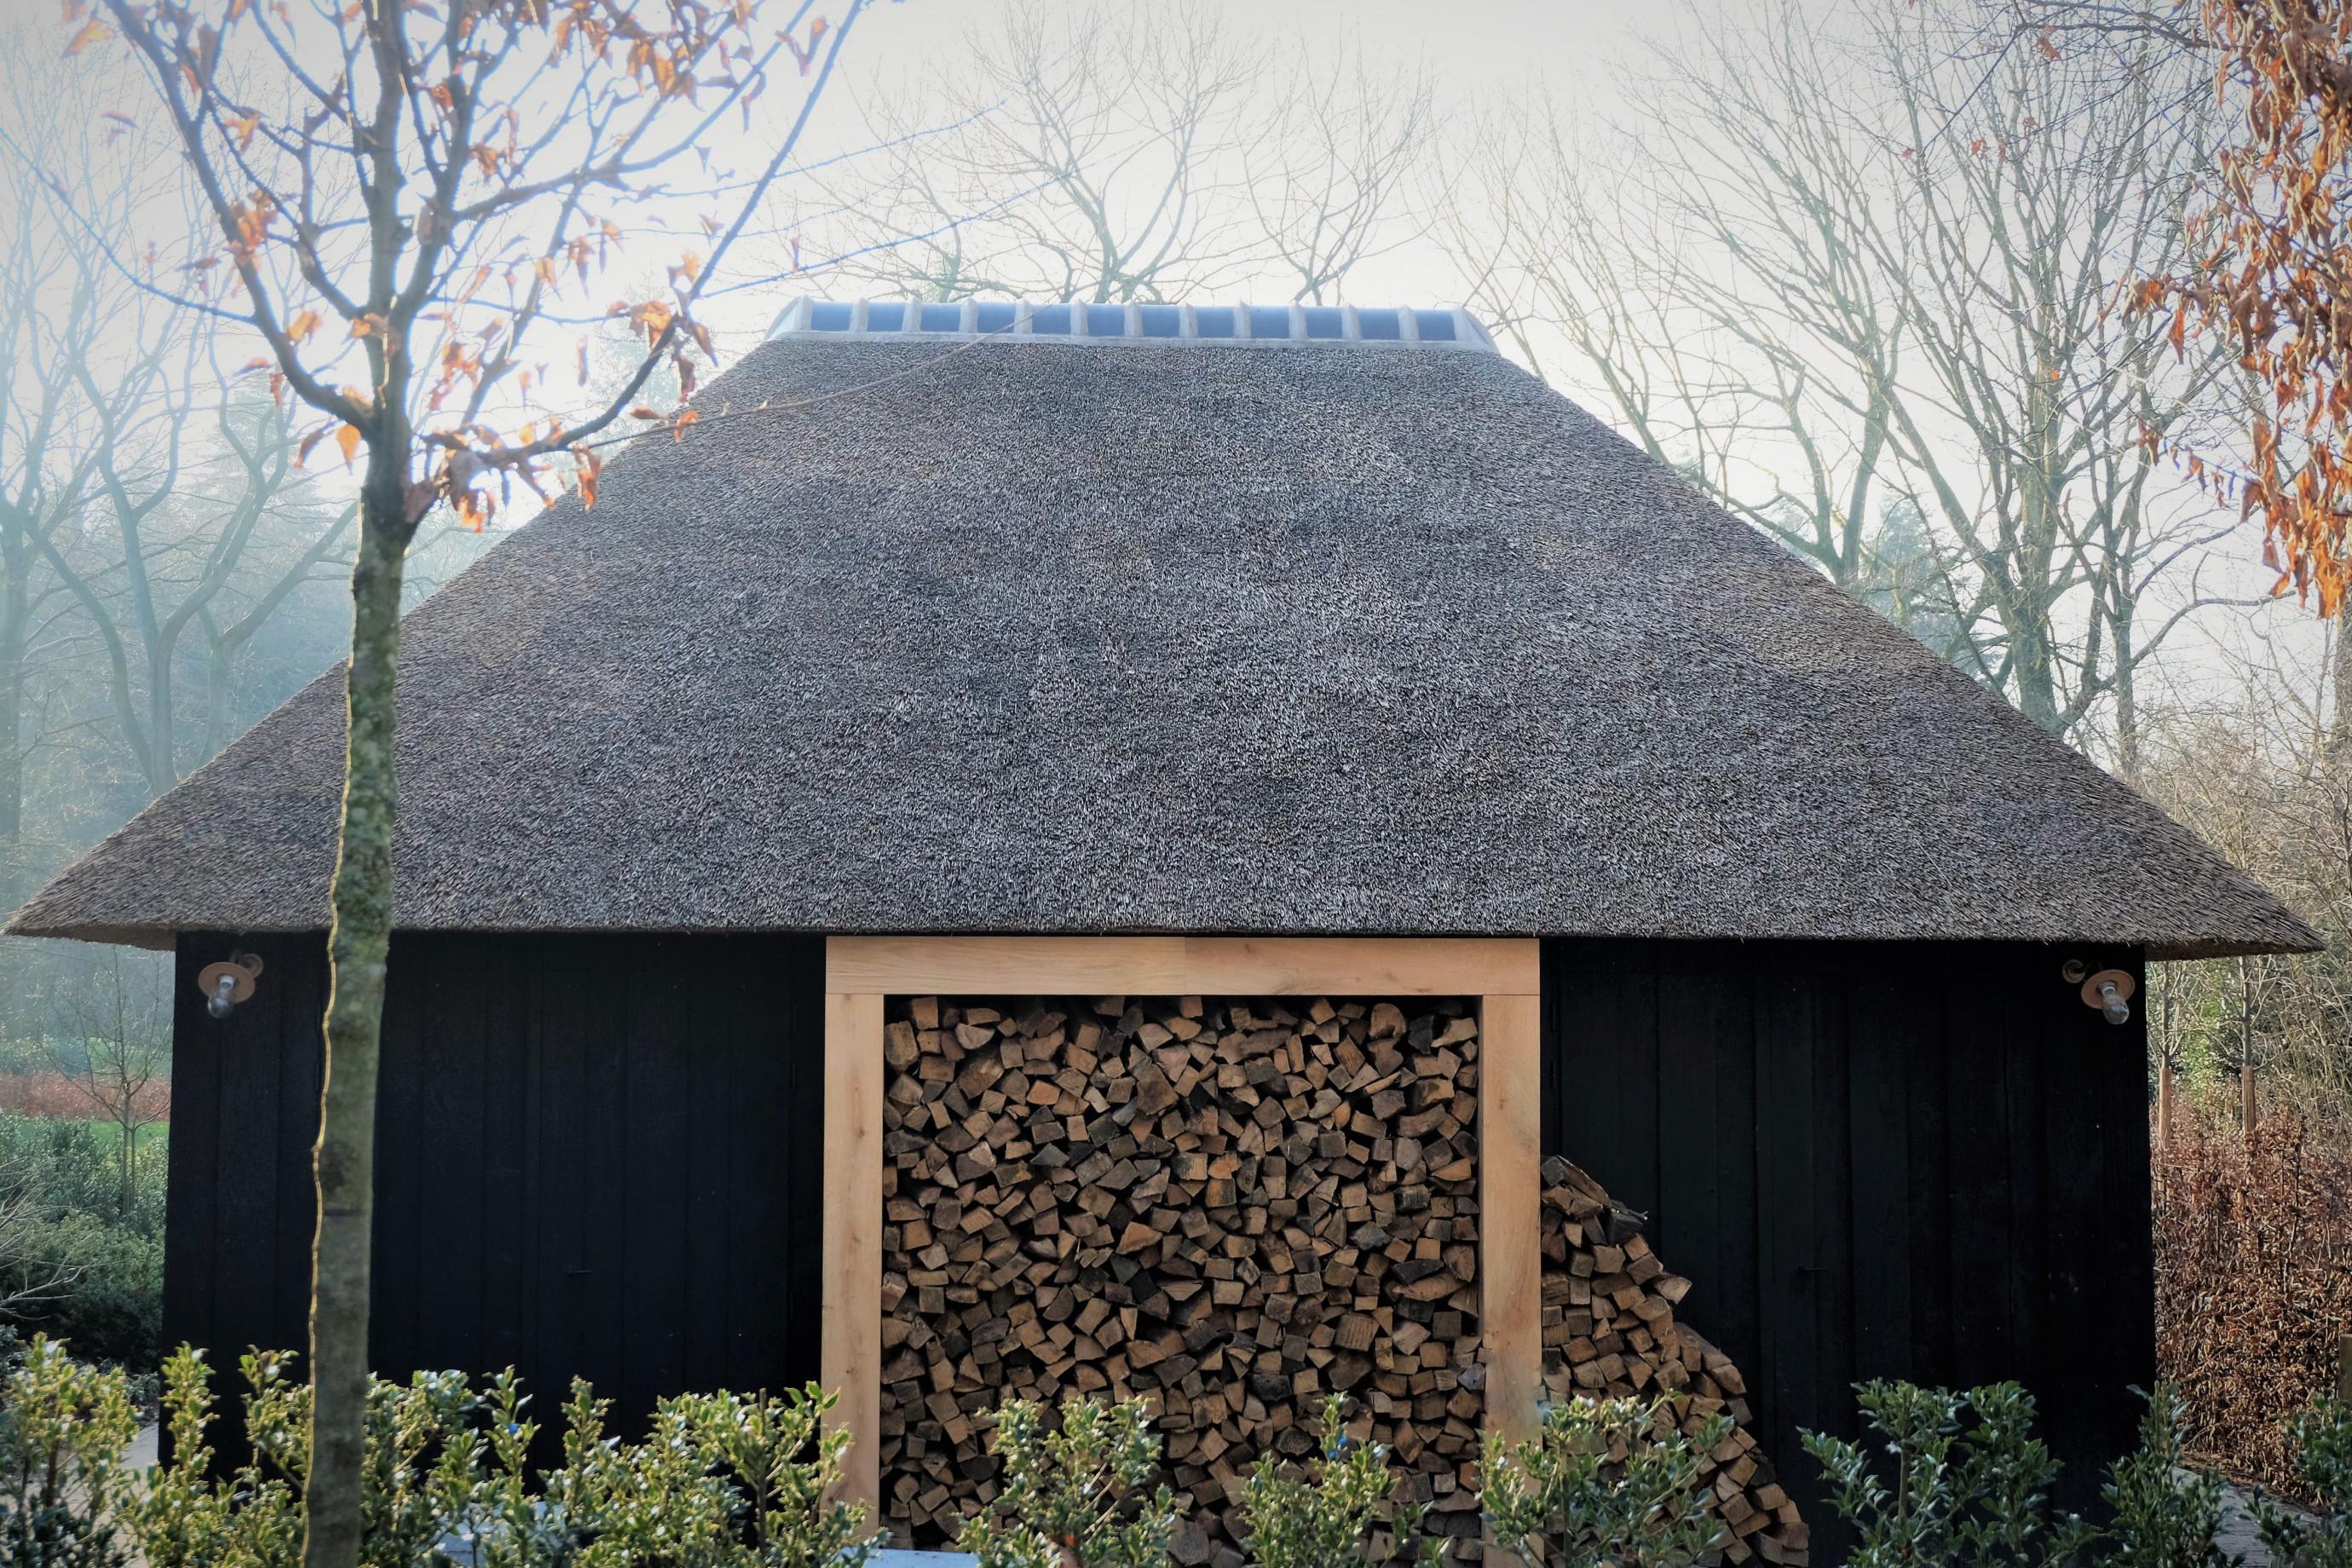 Dit magnifieke zwarte poolhouse werd vakkundig gerealiseerd door Vanhauwood. Voor de structuur maakten ze gebruik van een eiken bouwpakket vervaardigd door Cornelis Hout.